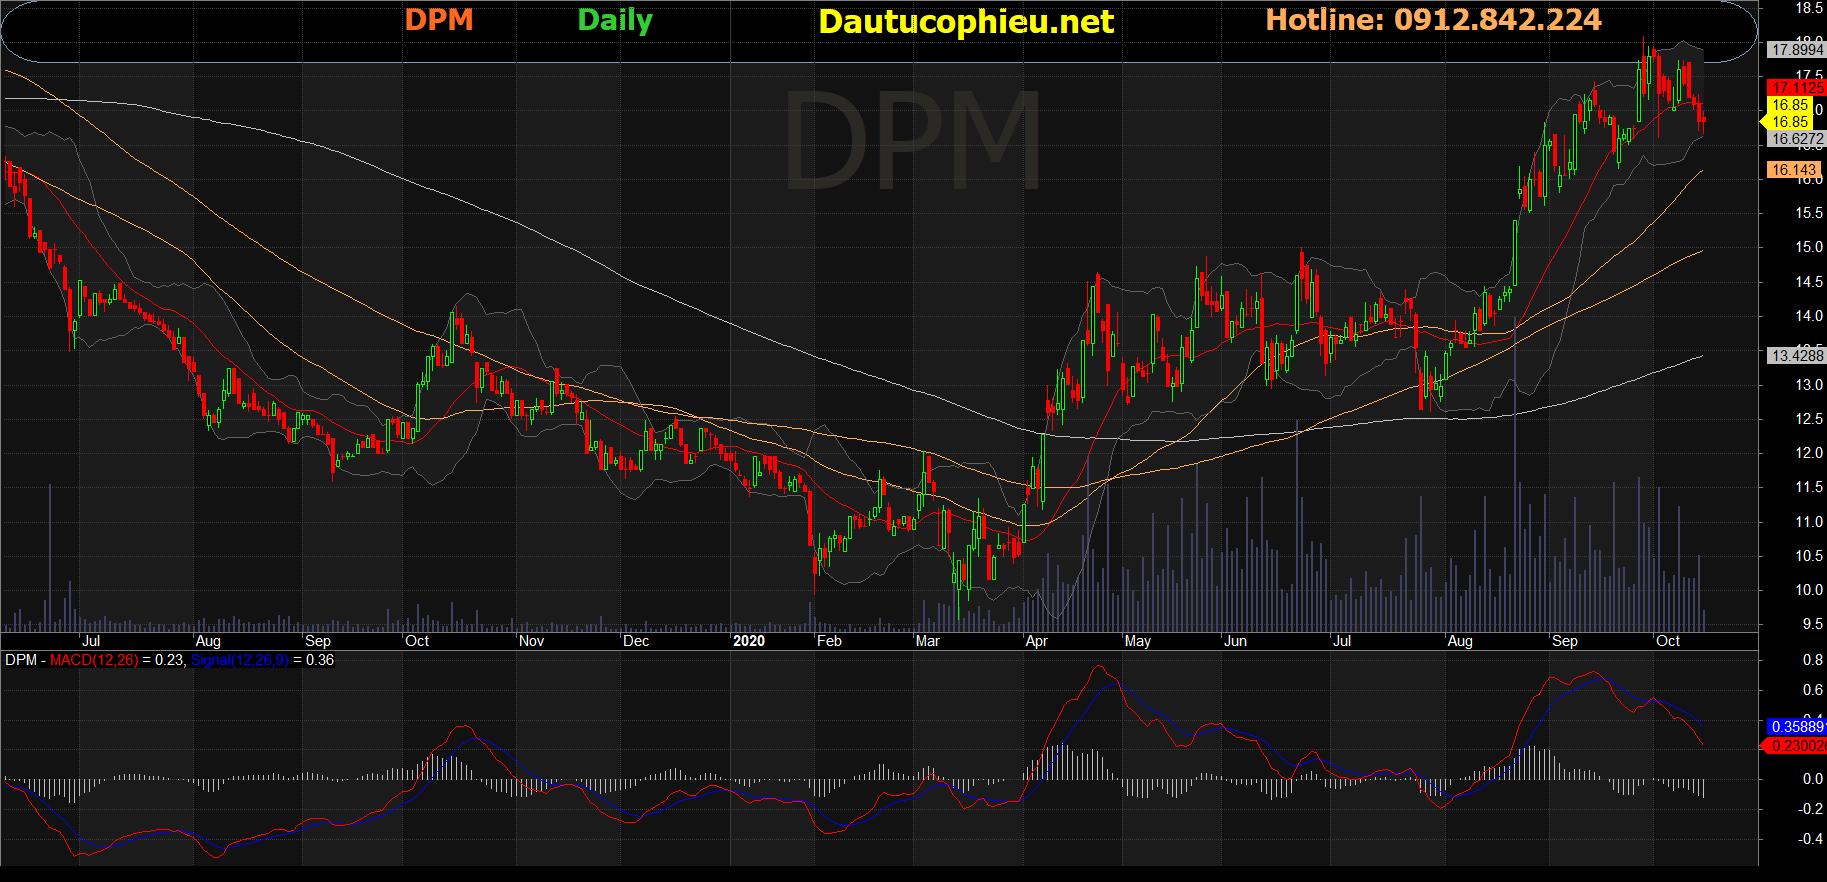 Cổ phiếu DPM